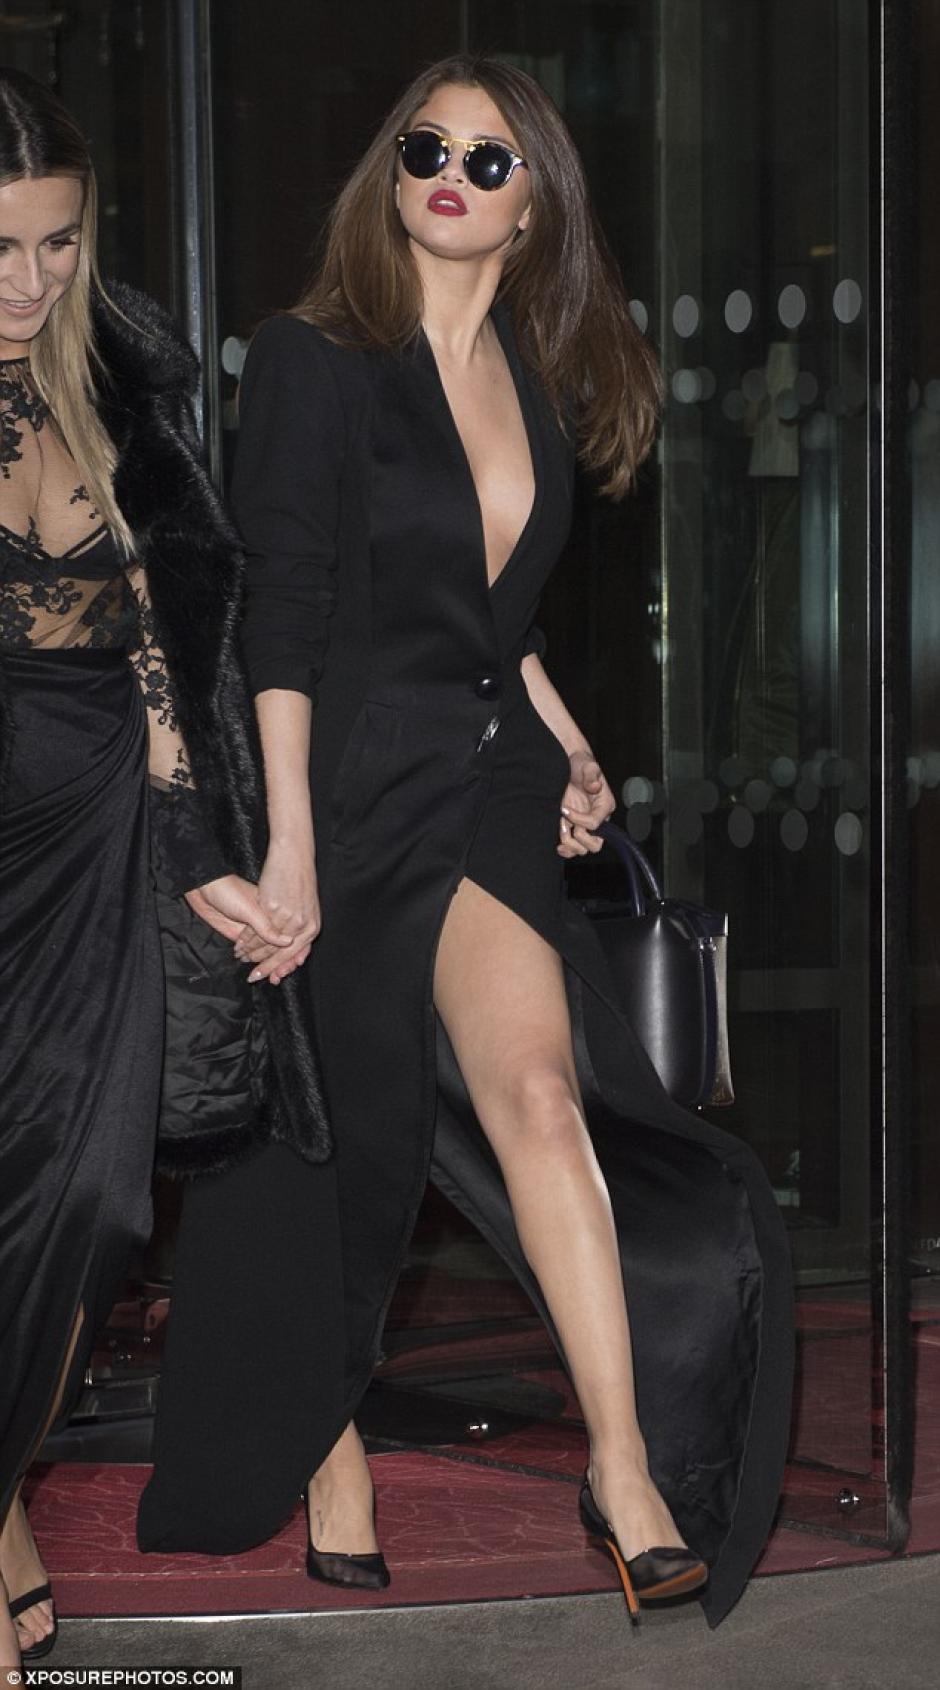 Gomez se encuentra actualmente sin pareja, lo que la convierte en una soltera codiciada. (Foto: dailymail.co.uk)